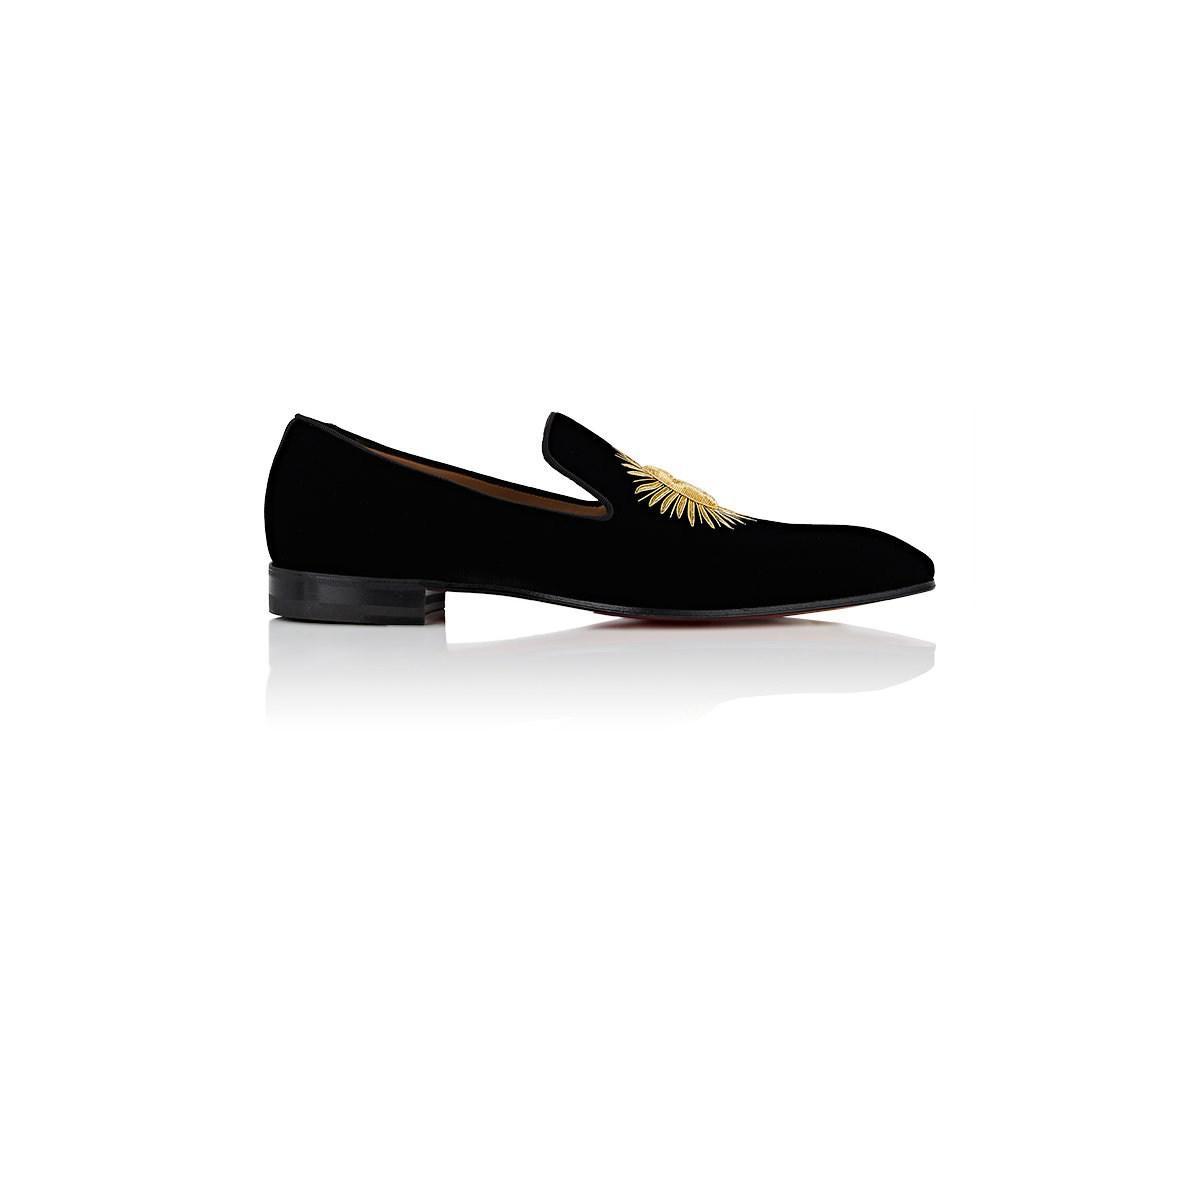 be4ead06e56e Christian Louboutin Morning Dandelion Velvet Slippers in Black for ...